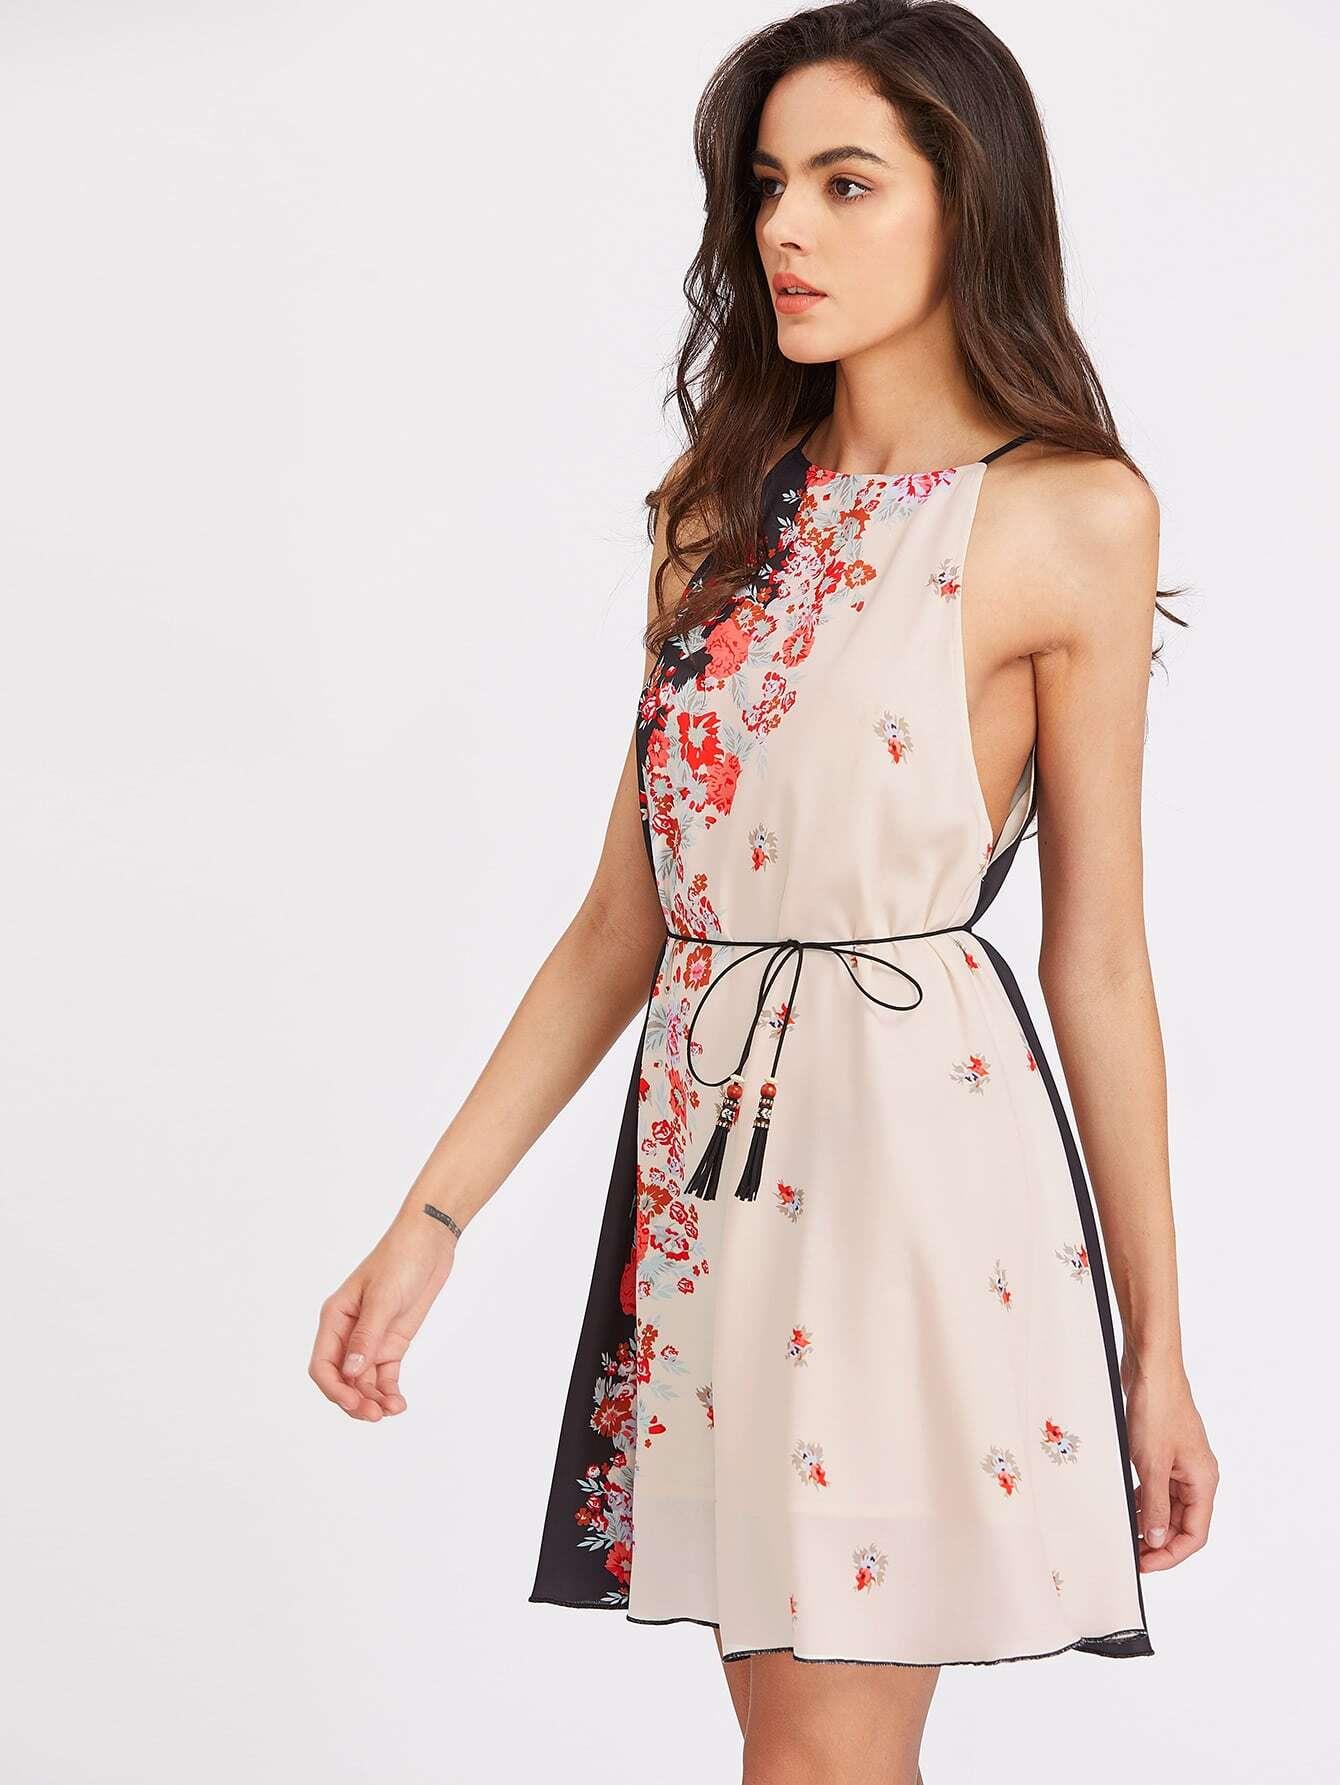 dress170410712_2